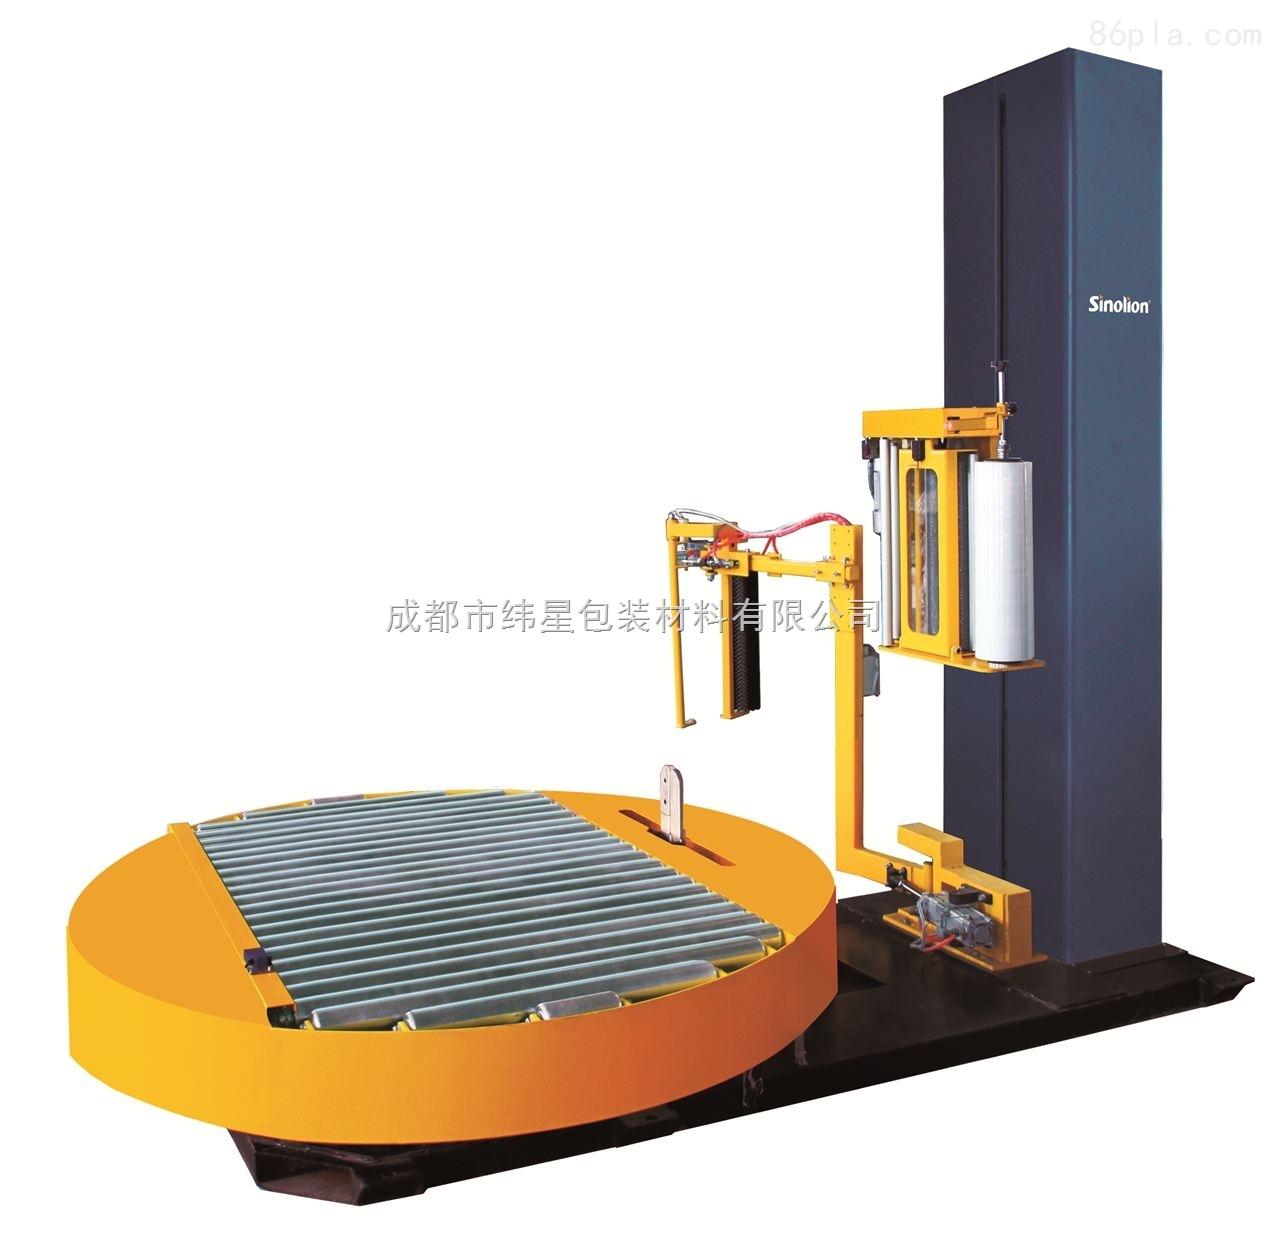 四川包装设备T2000FZ-PL托盘在线式缠绕膜包装机